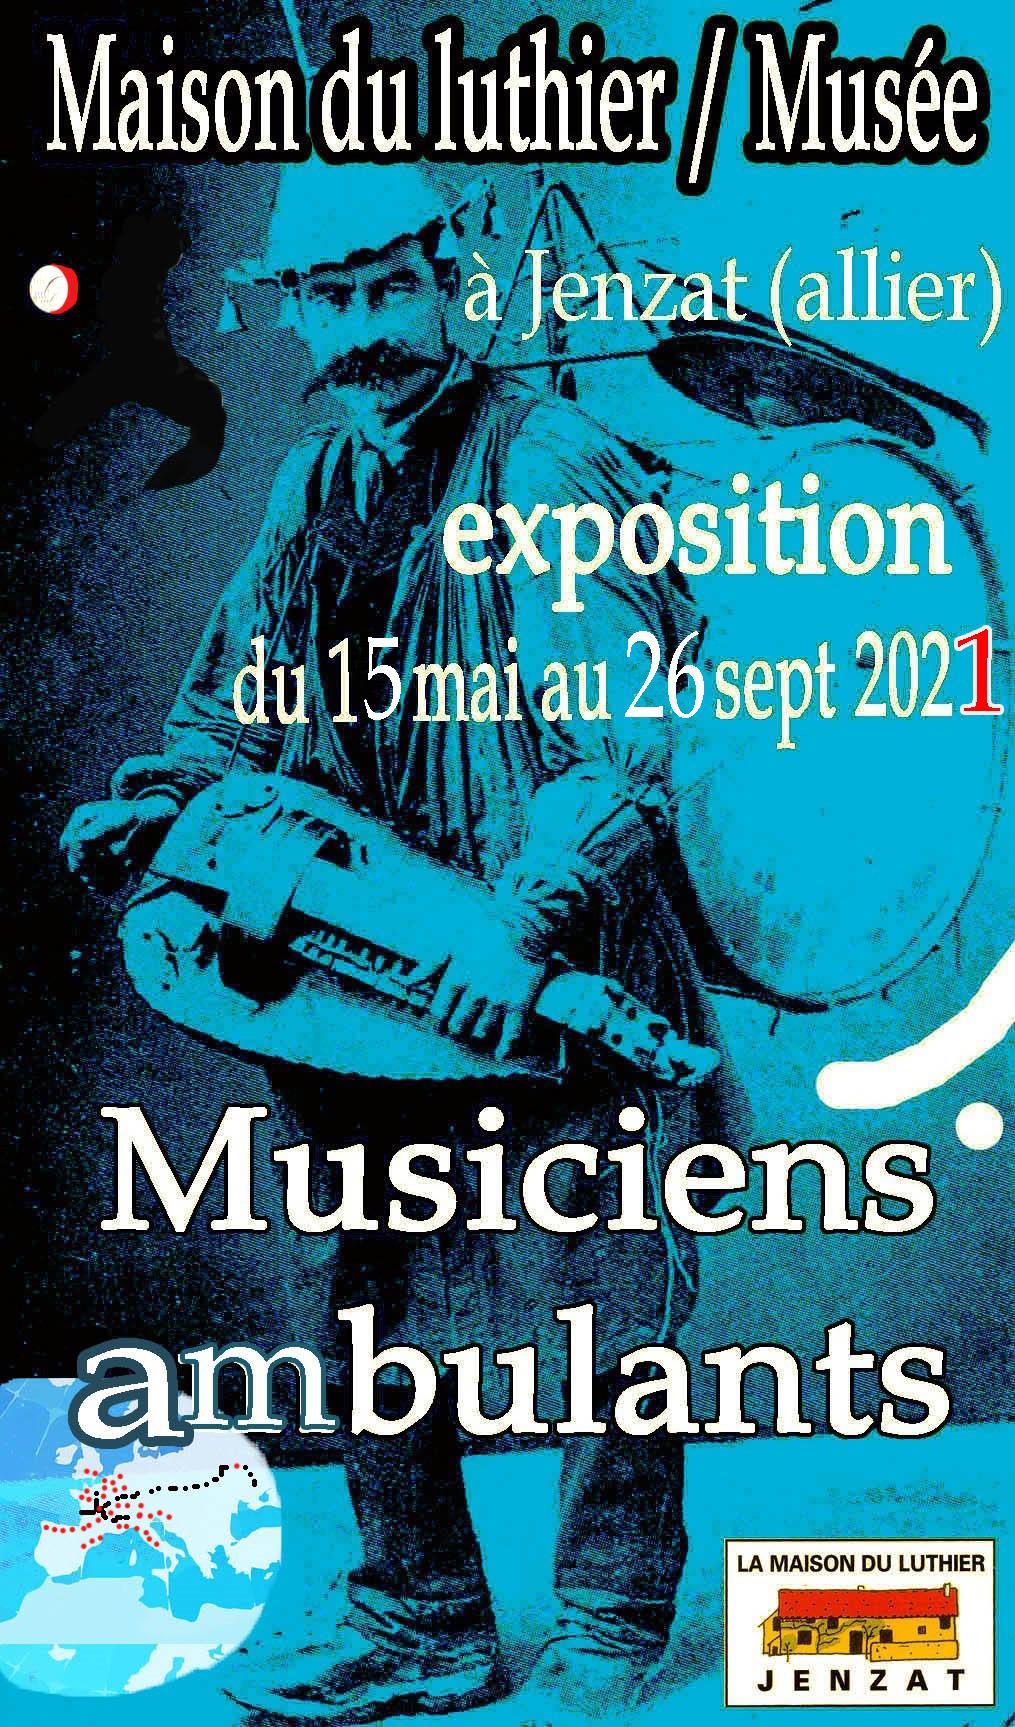 Exposition temporaire musiciens ambulants du 15 mai au 26 sept 2021 Maison du luthier / Musée